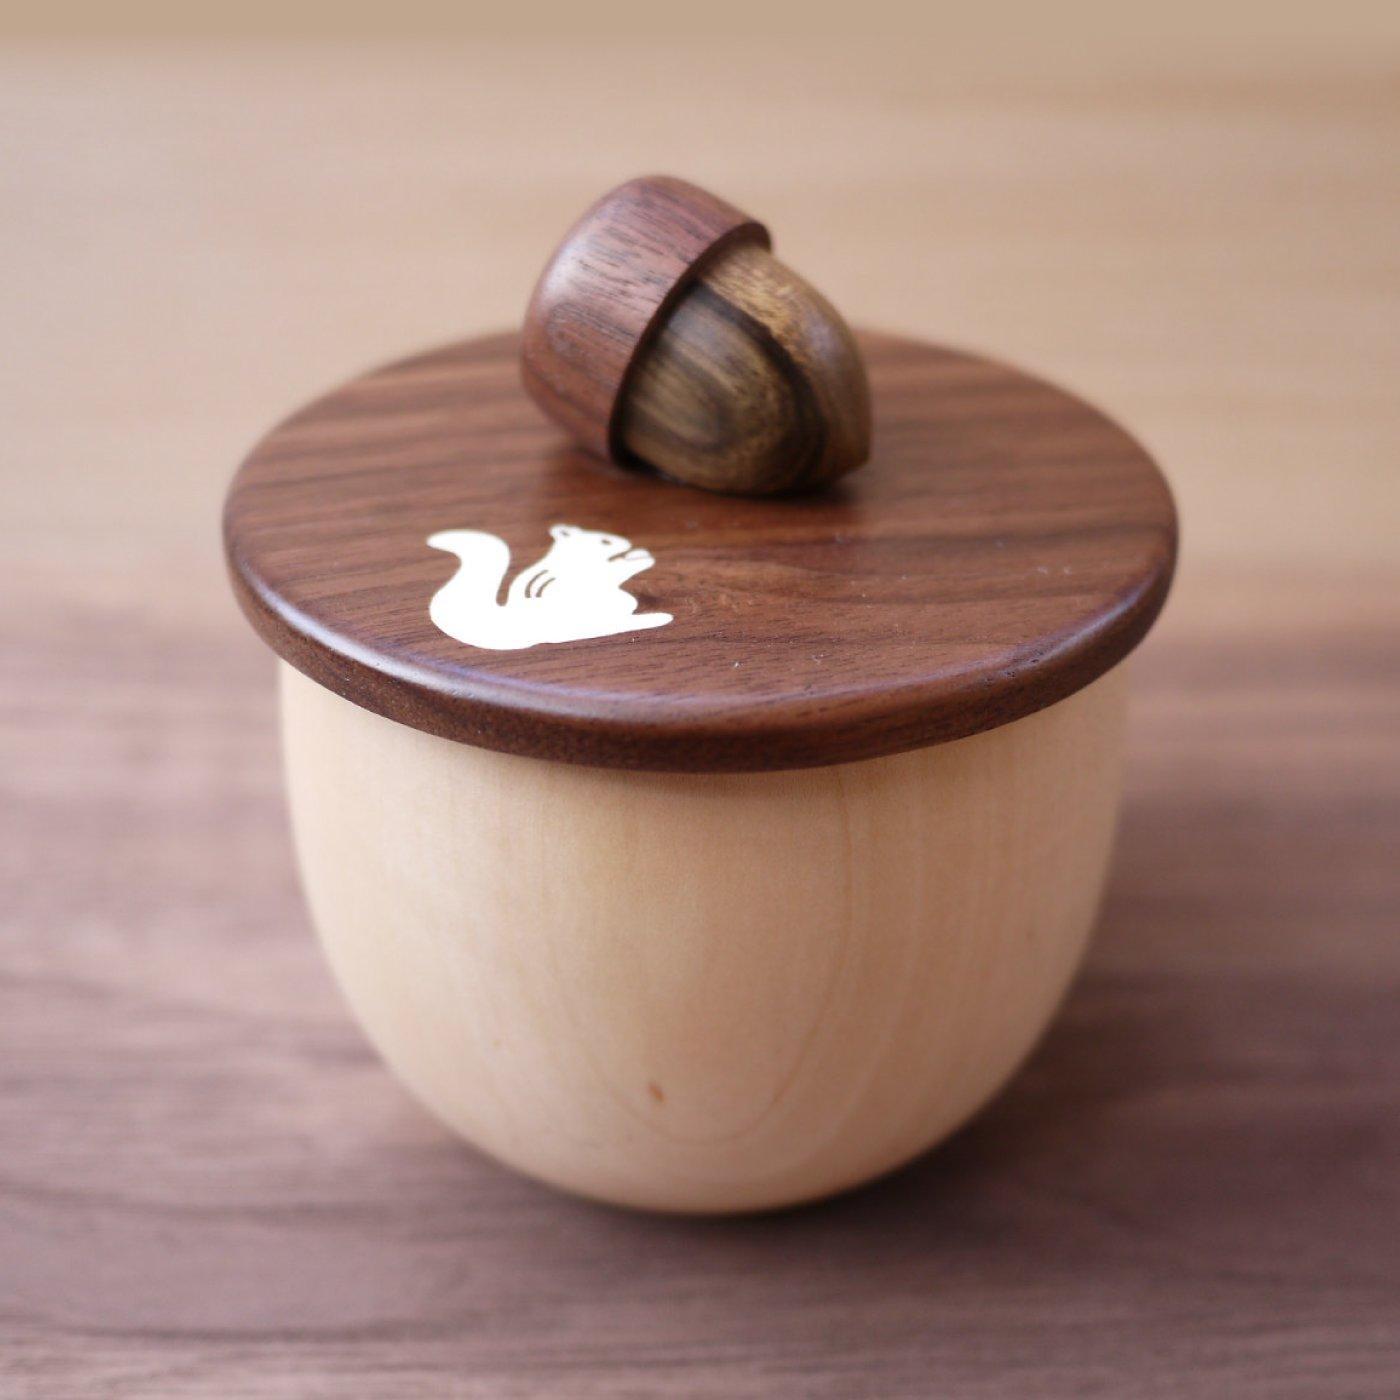 天然木で仕立てた かわいくて持ちやすいどんぐりのふた&どんぐりカップ